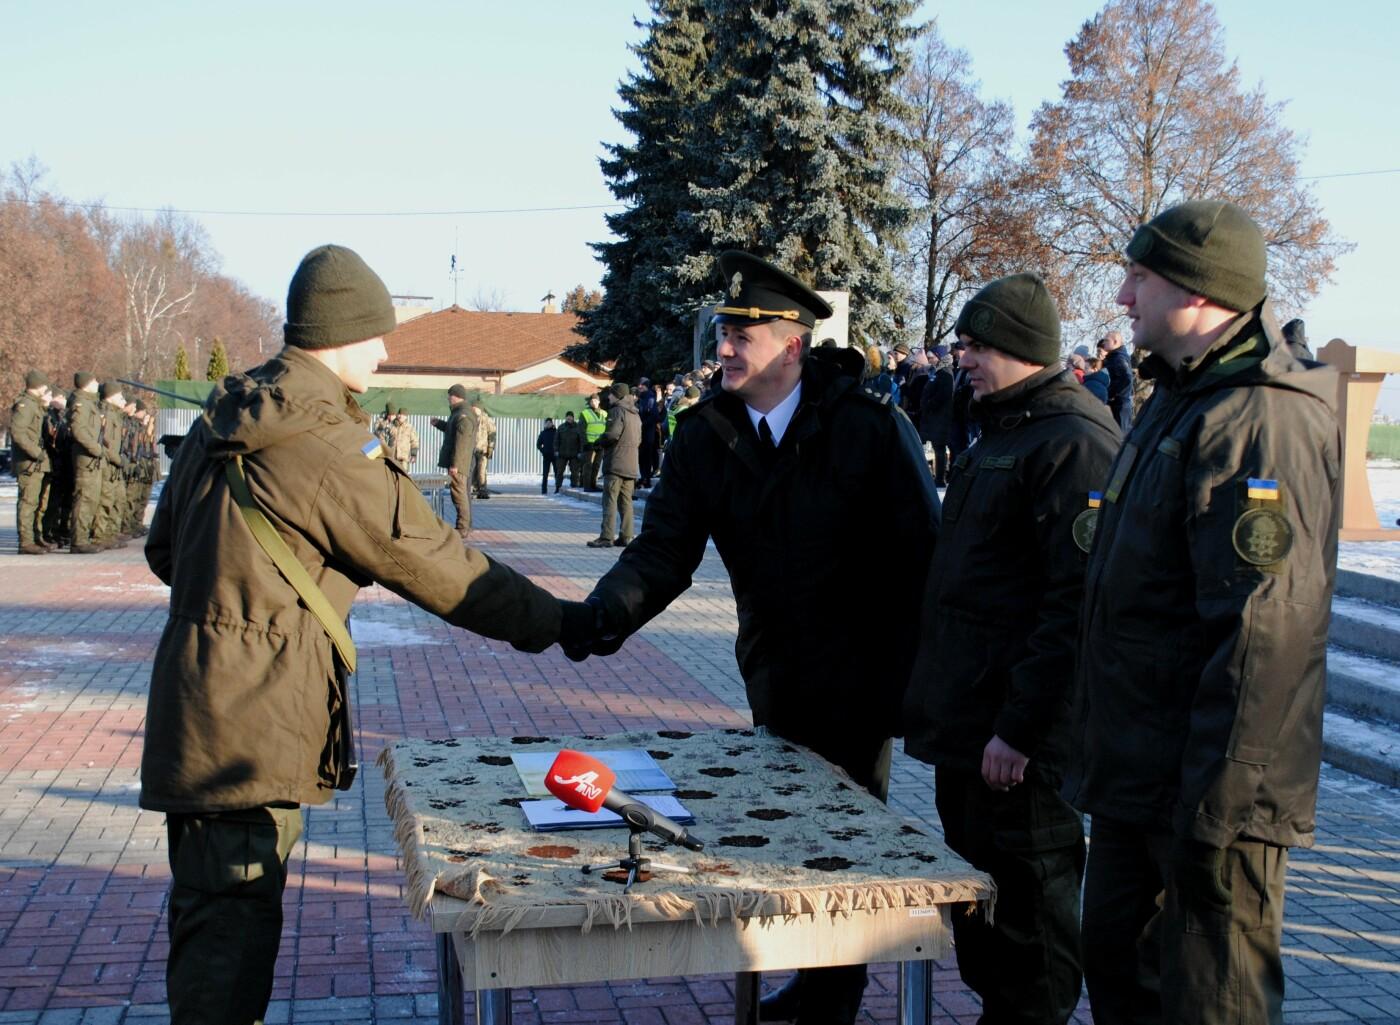 У Сумах 34 військовослужбовці присягнули на вірність українському народові, фото-2